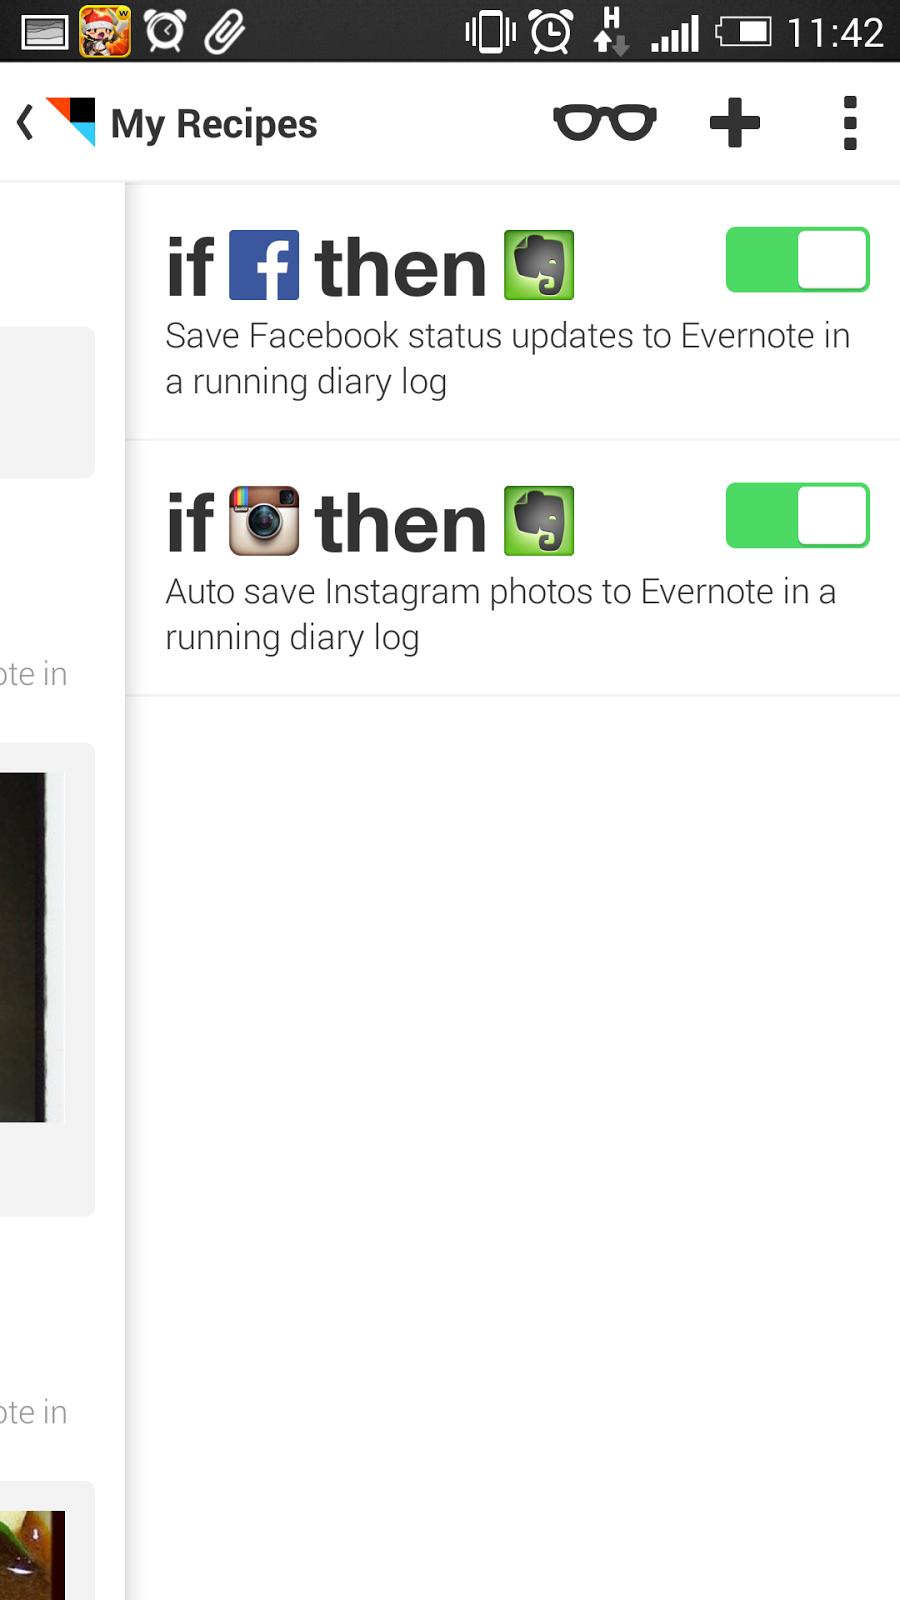 改變行動工作!電腦玩物 2014 最佳 Android App 推薦 IFTTT+Android+iOS-04